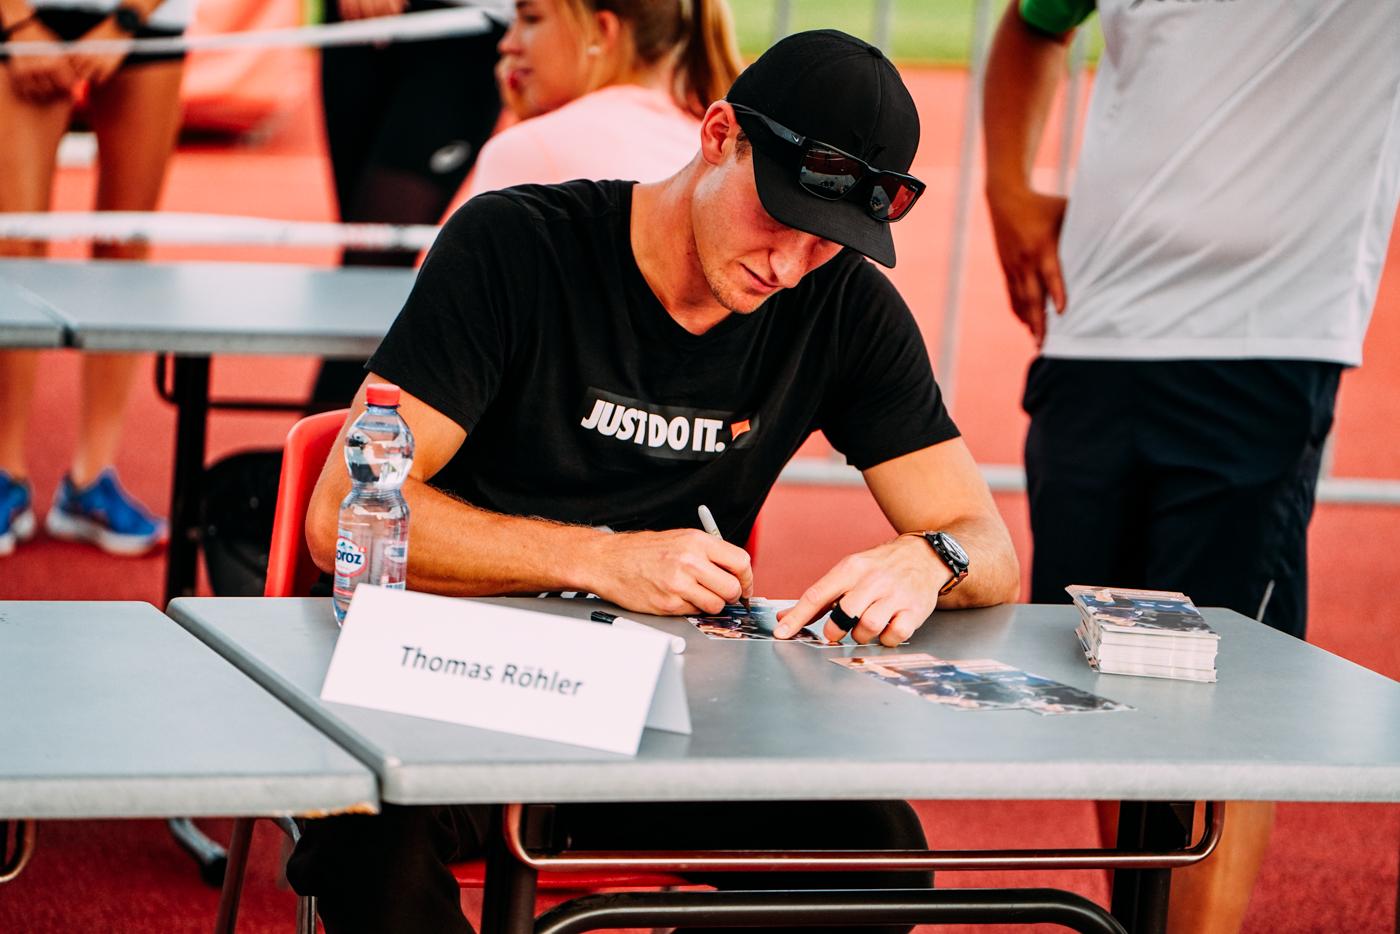 Thomas Röhler Autogrammstunde